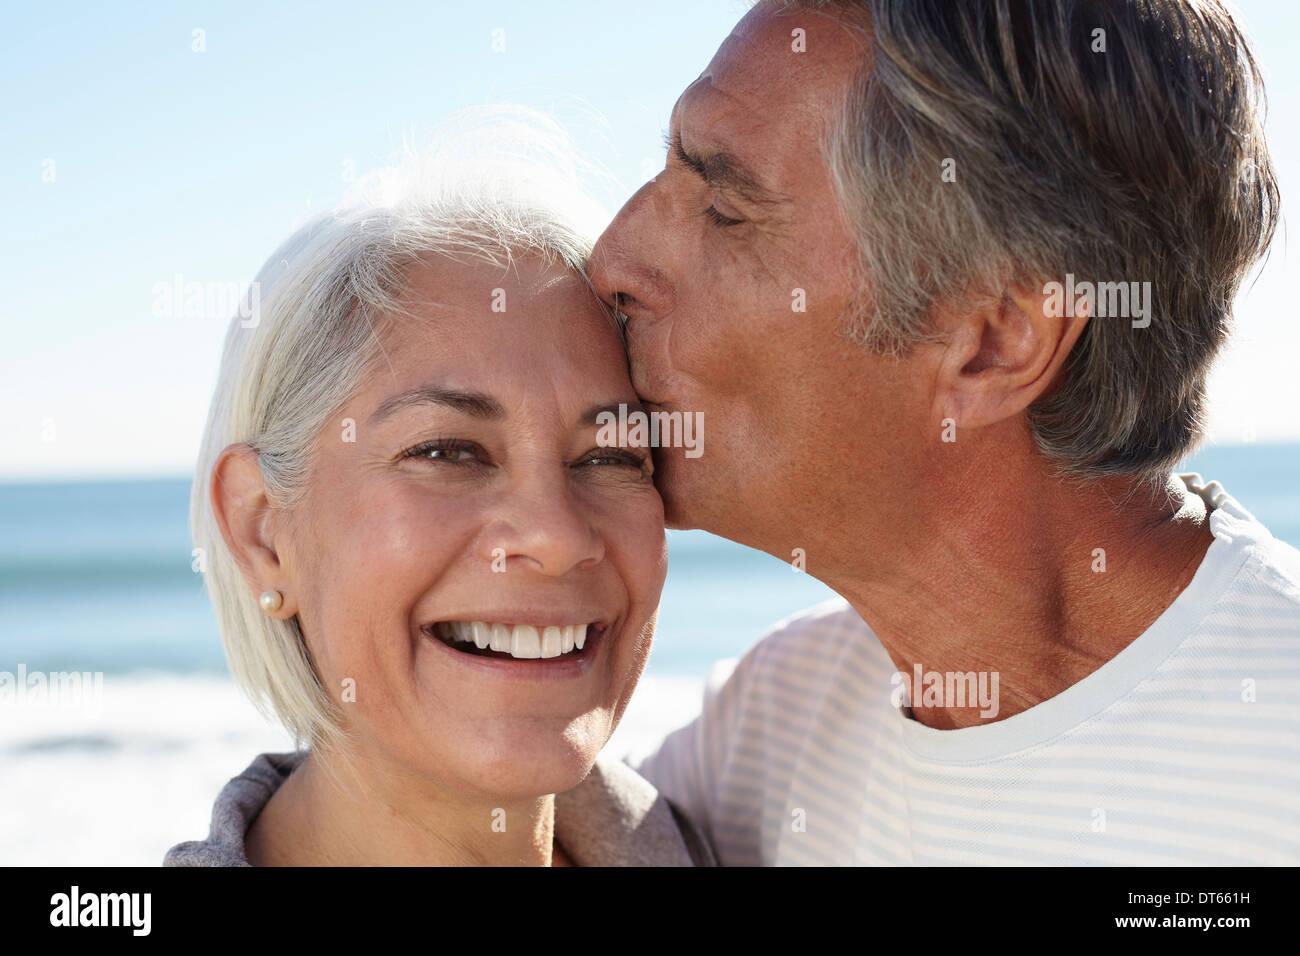 Mann küssen Frau auf Stirn Stockfoto